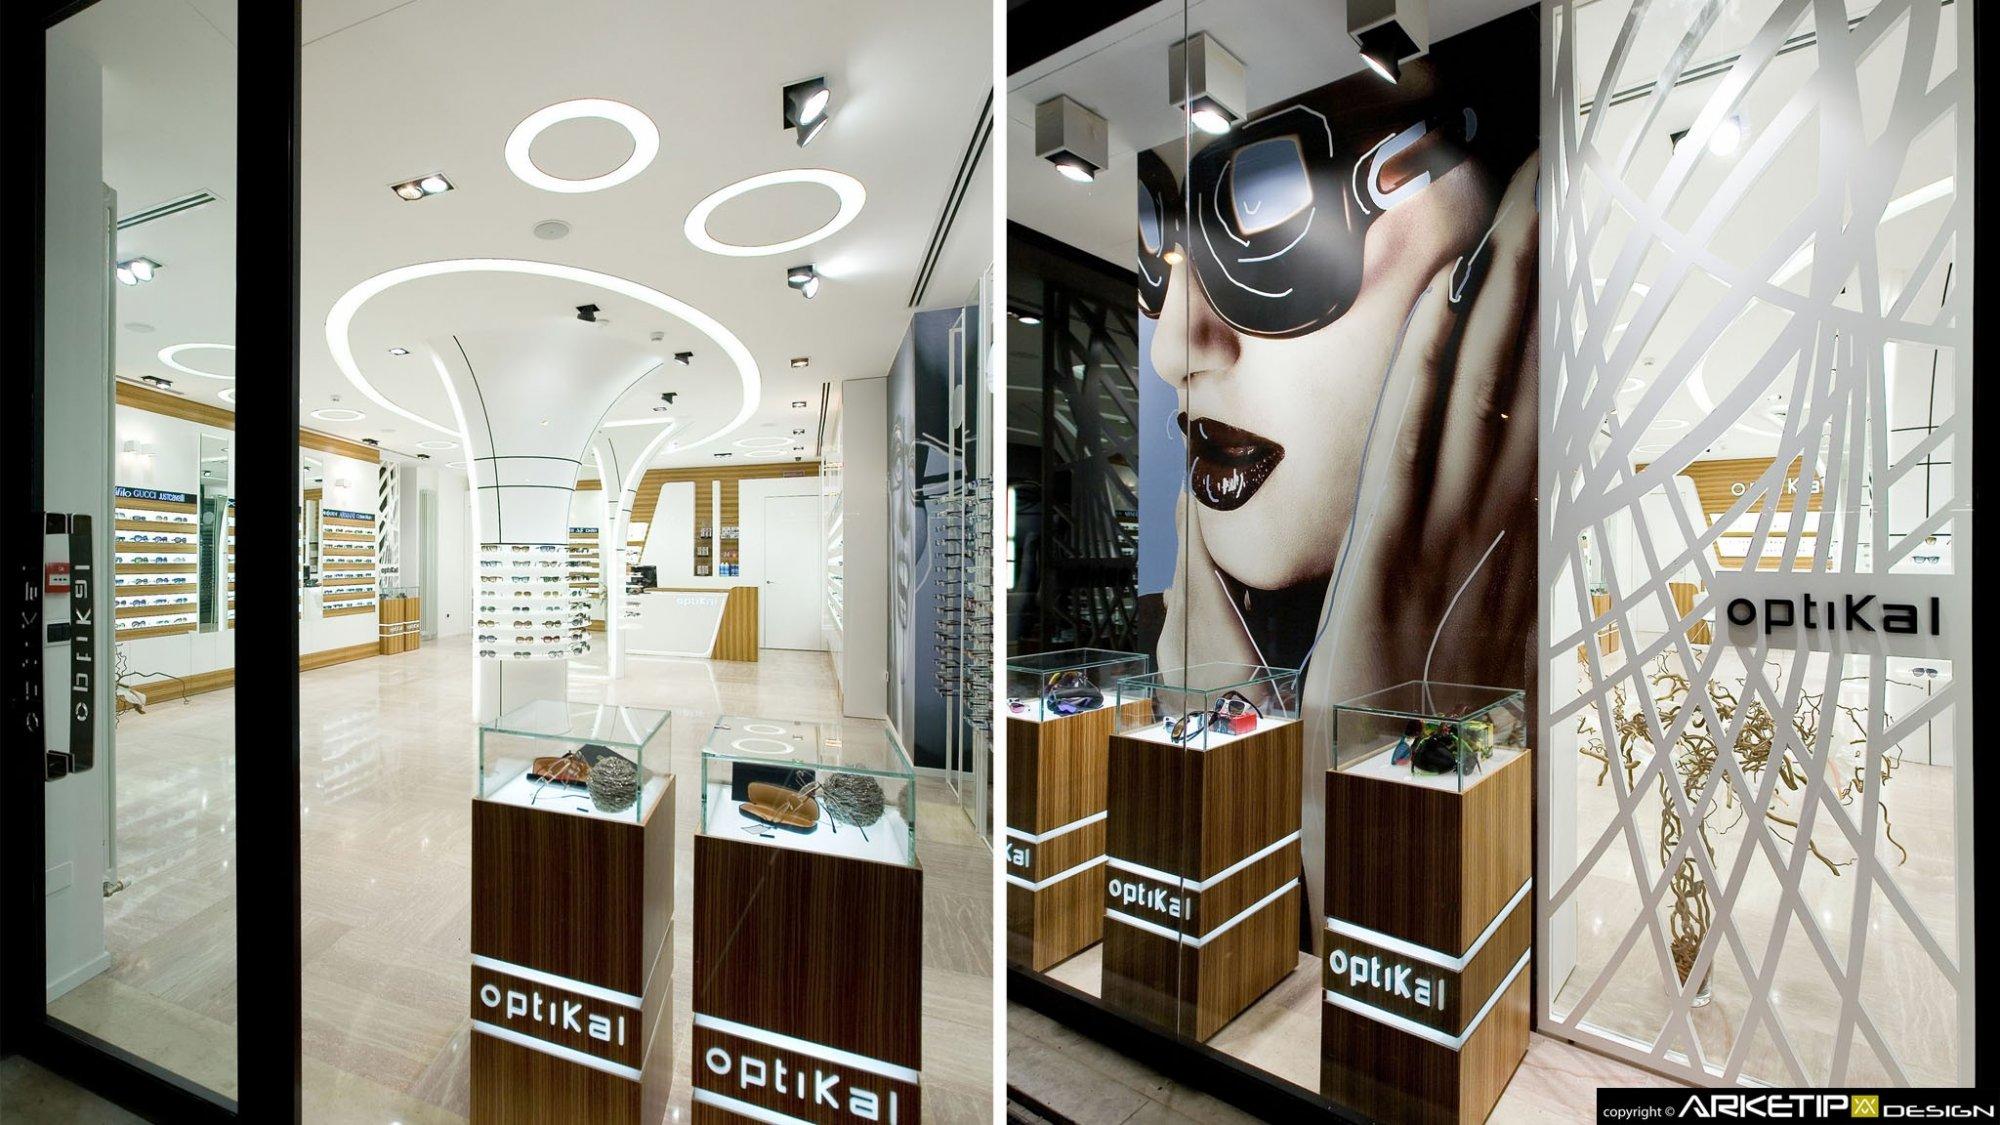 Ottica optikal arredamento negozio ottica rovigo for Outlet online arredamento design